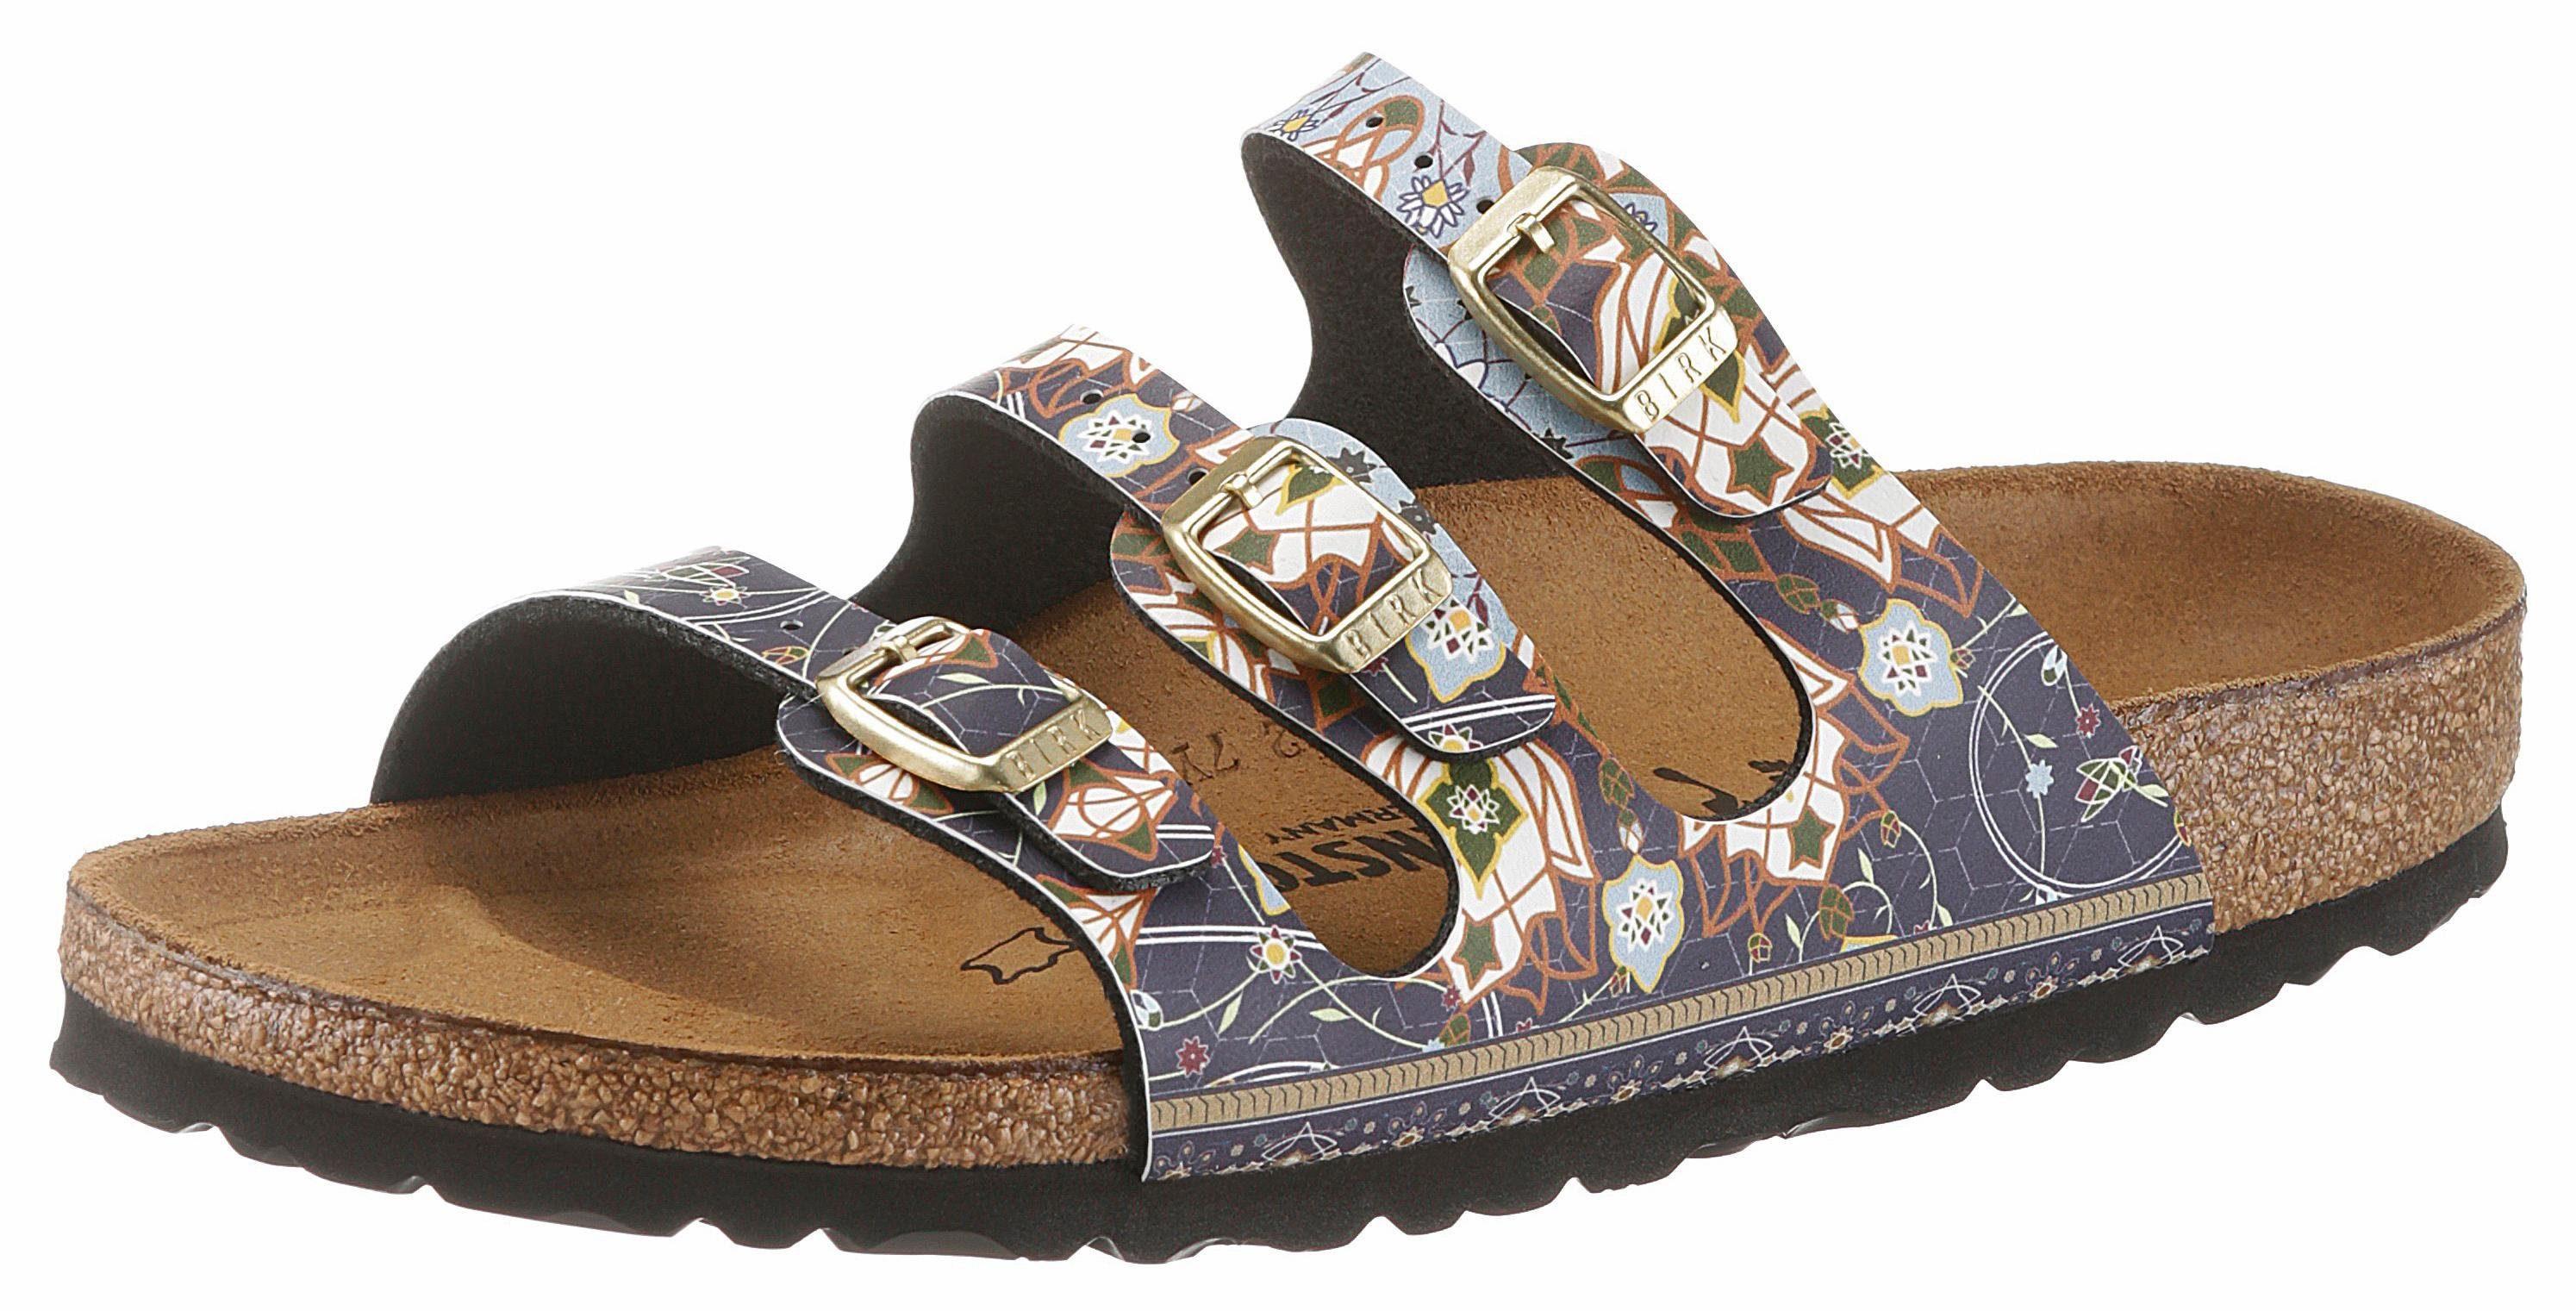 Birkenstock FLORIDA Pantolette, in schmaler Schuhweite, mit ergonomisch geformtem Fußbett online kaufen  blau-bunt